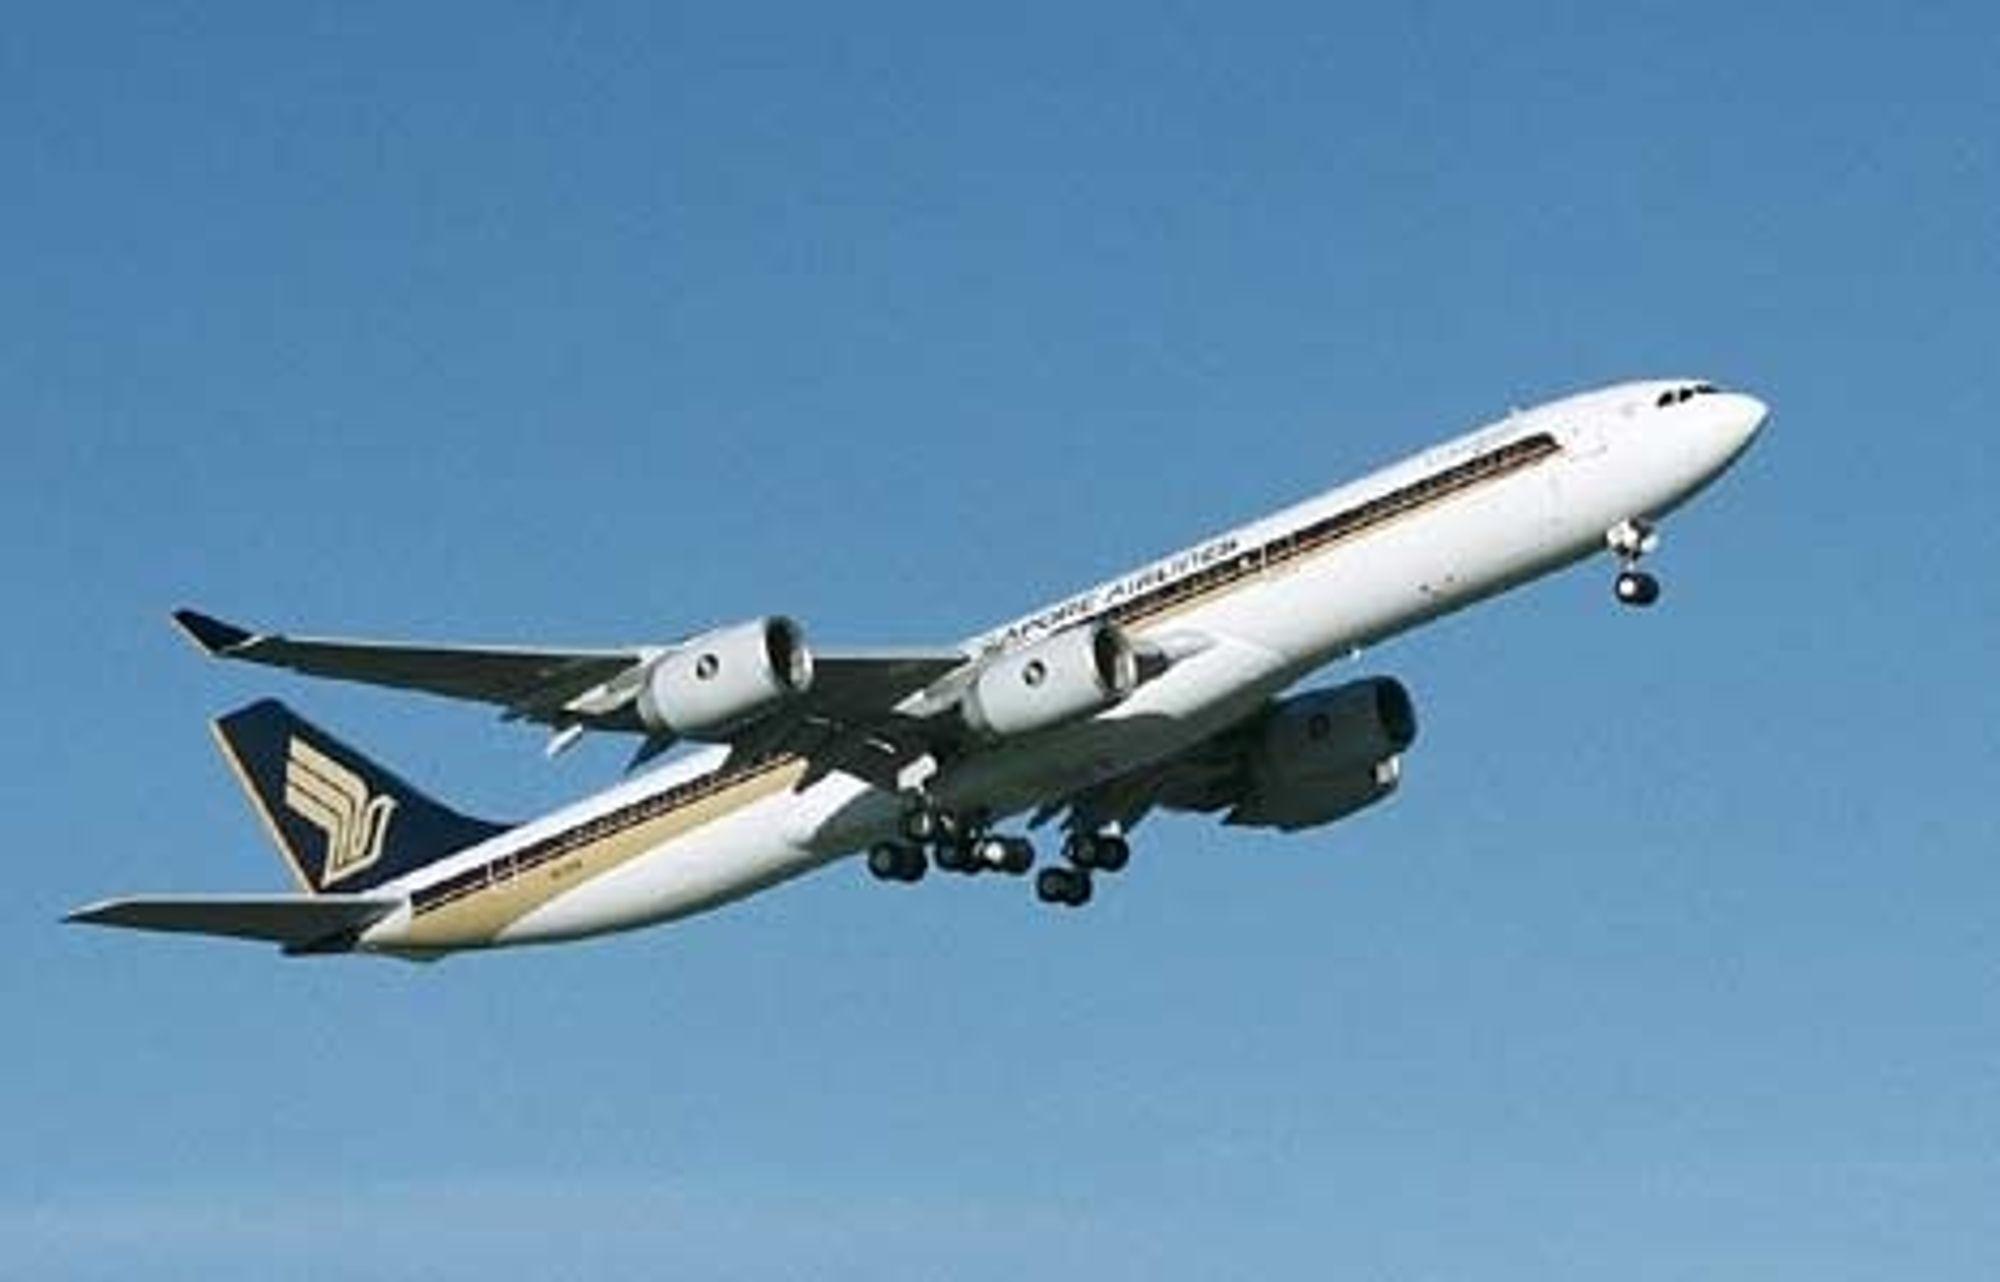 SIKRE: Flytrafikken blir sikrere og sikrere, trass i ganske solid trafikkøkning. Mye av den økte sikkerheten tilskrives bedre lufttrafikkstyring, bedre flyplassutstyr og sikrere fly. Singapore Airlines har ikke hatt en ulykke siden år 2000.